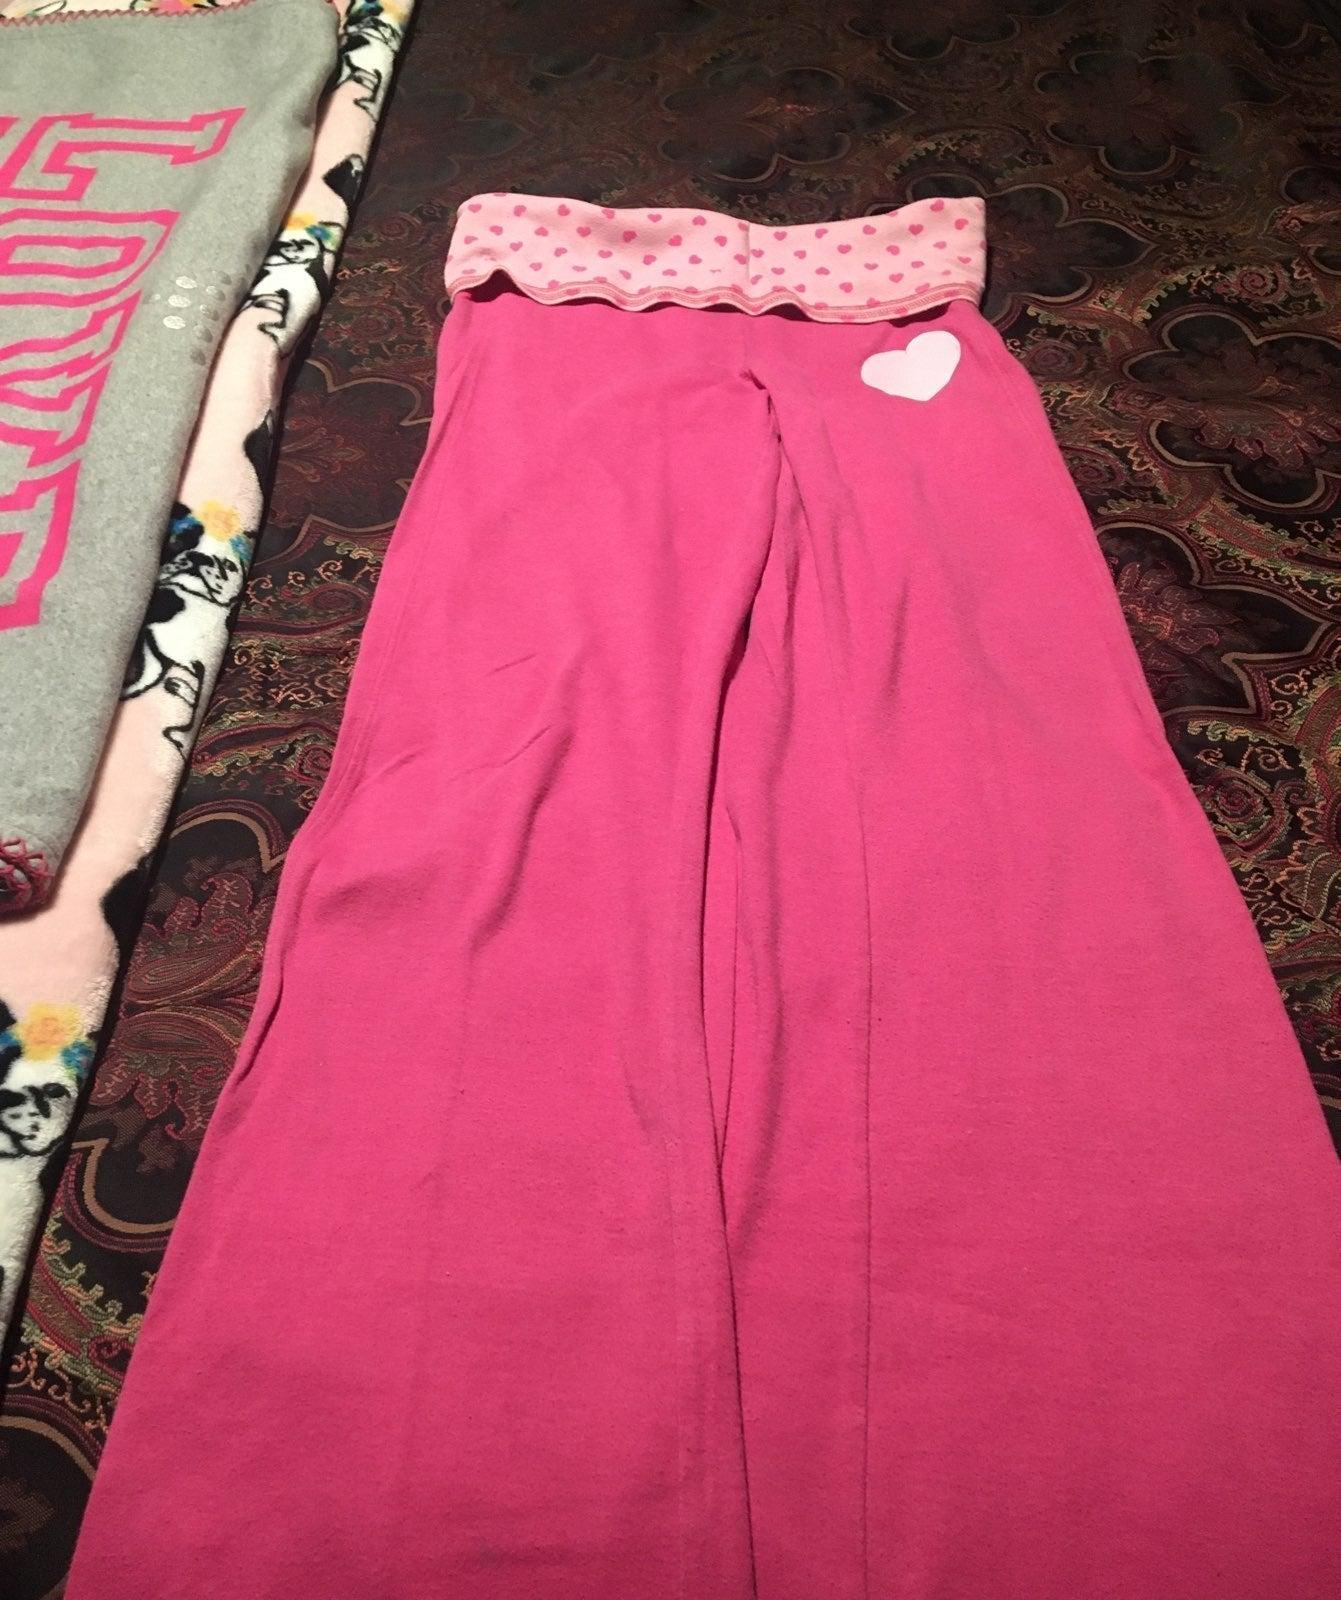 Vs pink pants